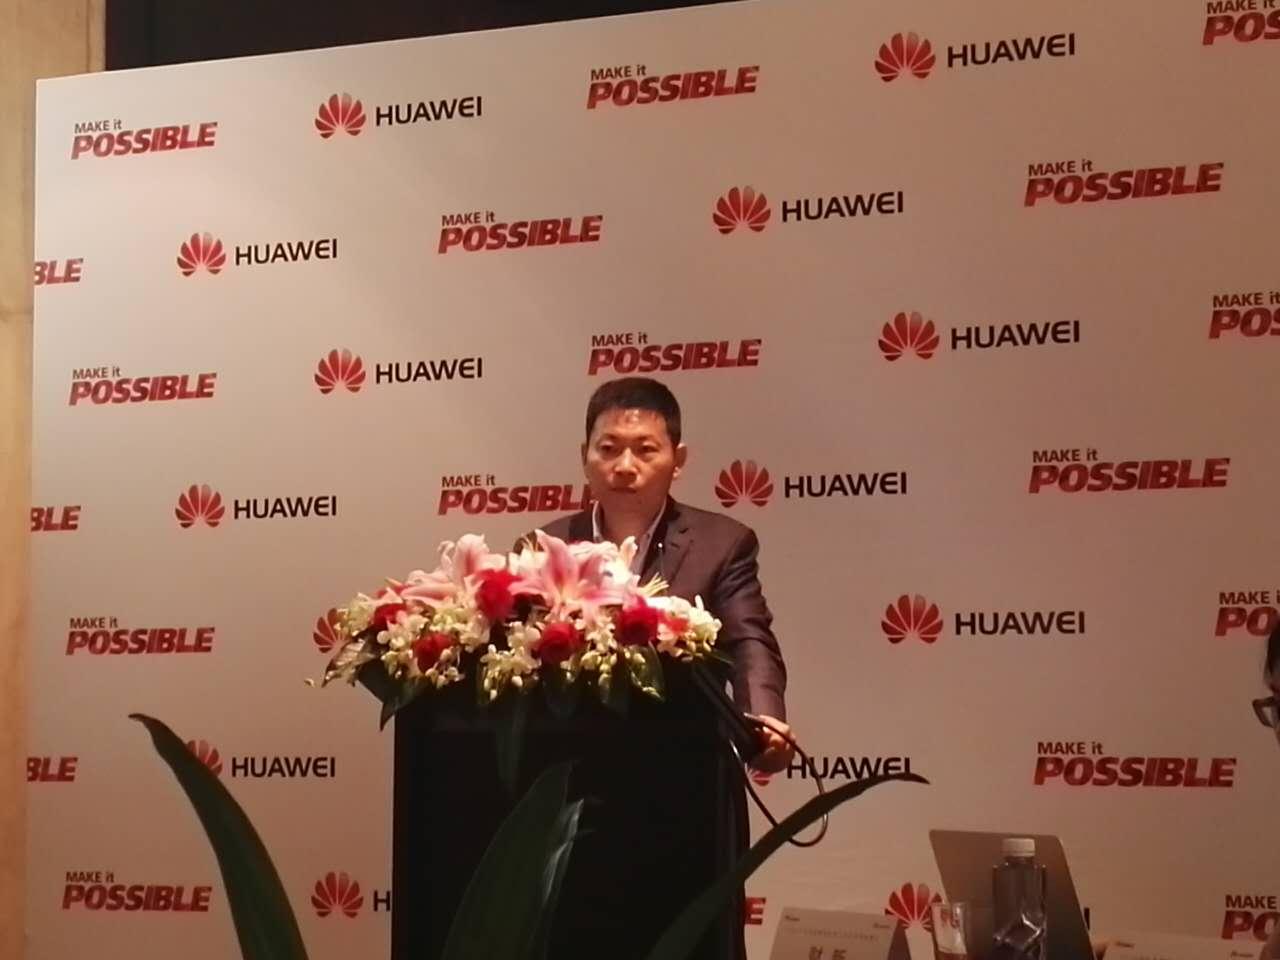 华为手机今年目标出货1.4亿部 营收280亿美元的照片 - 1